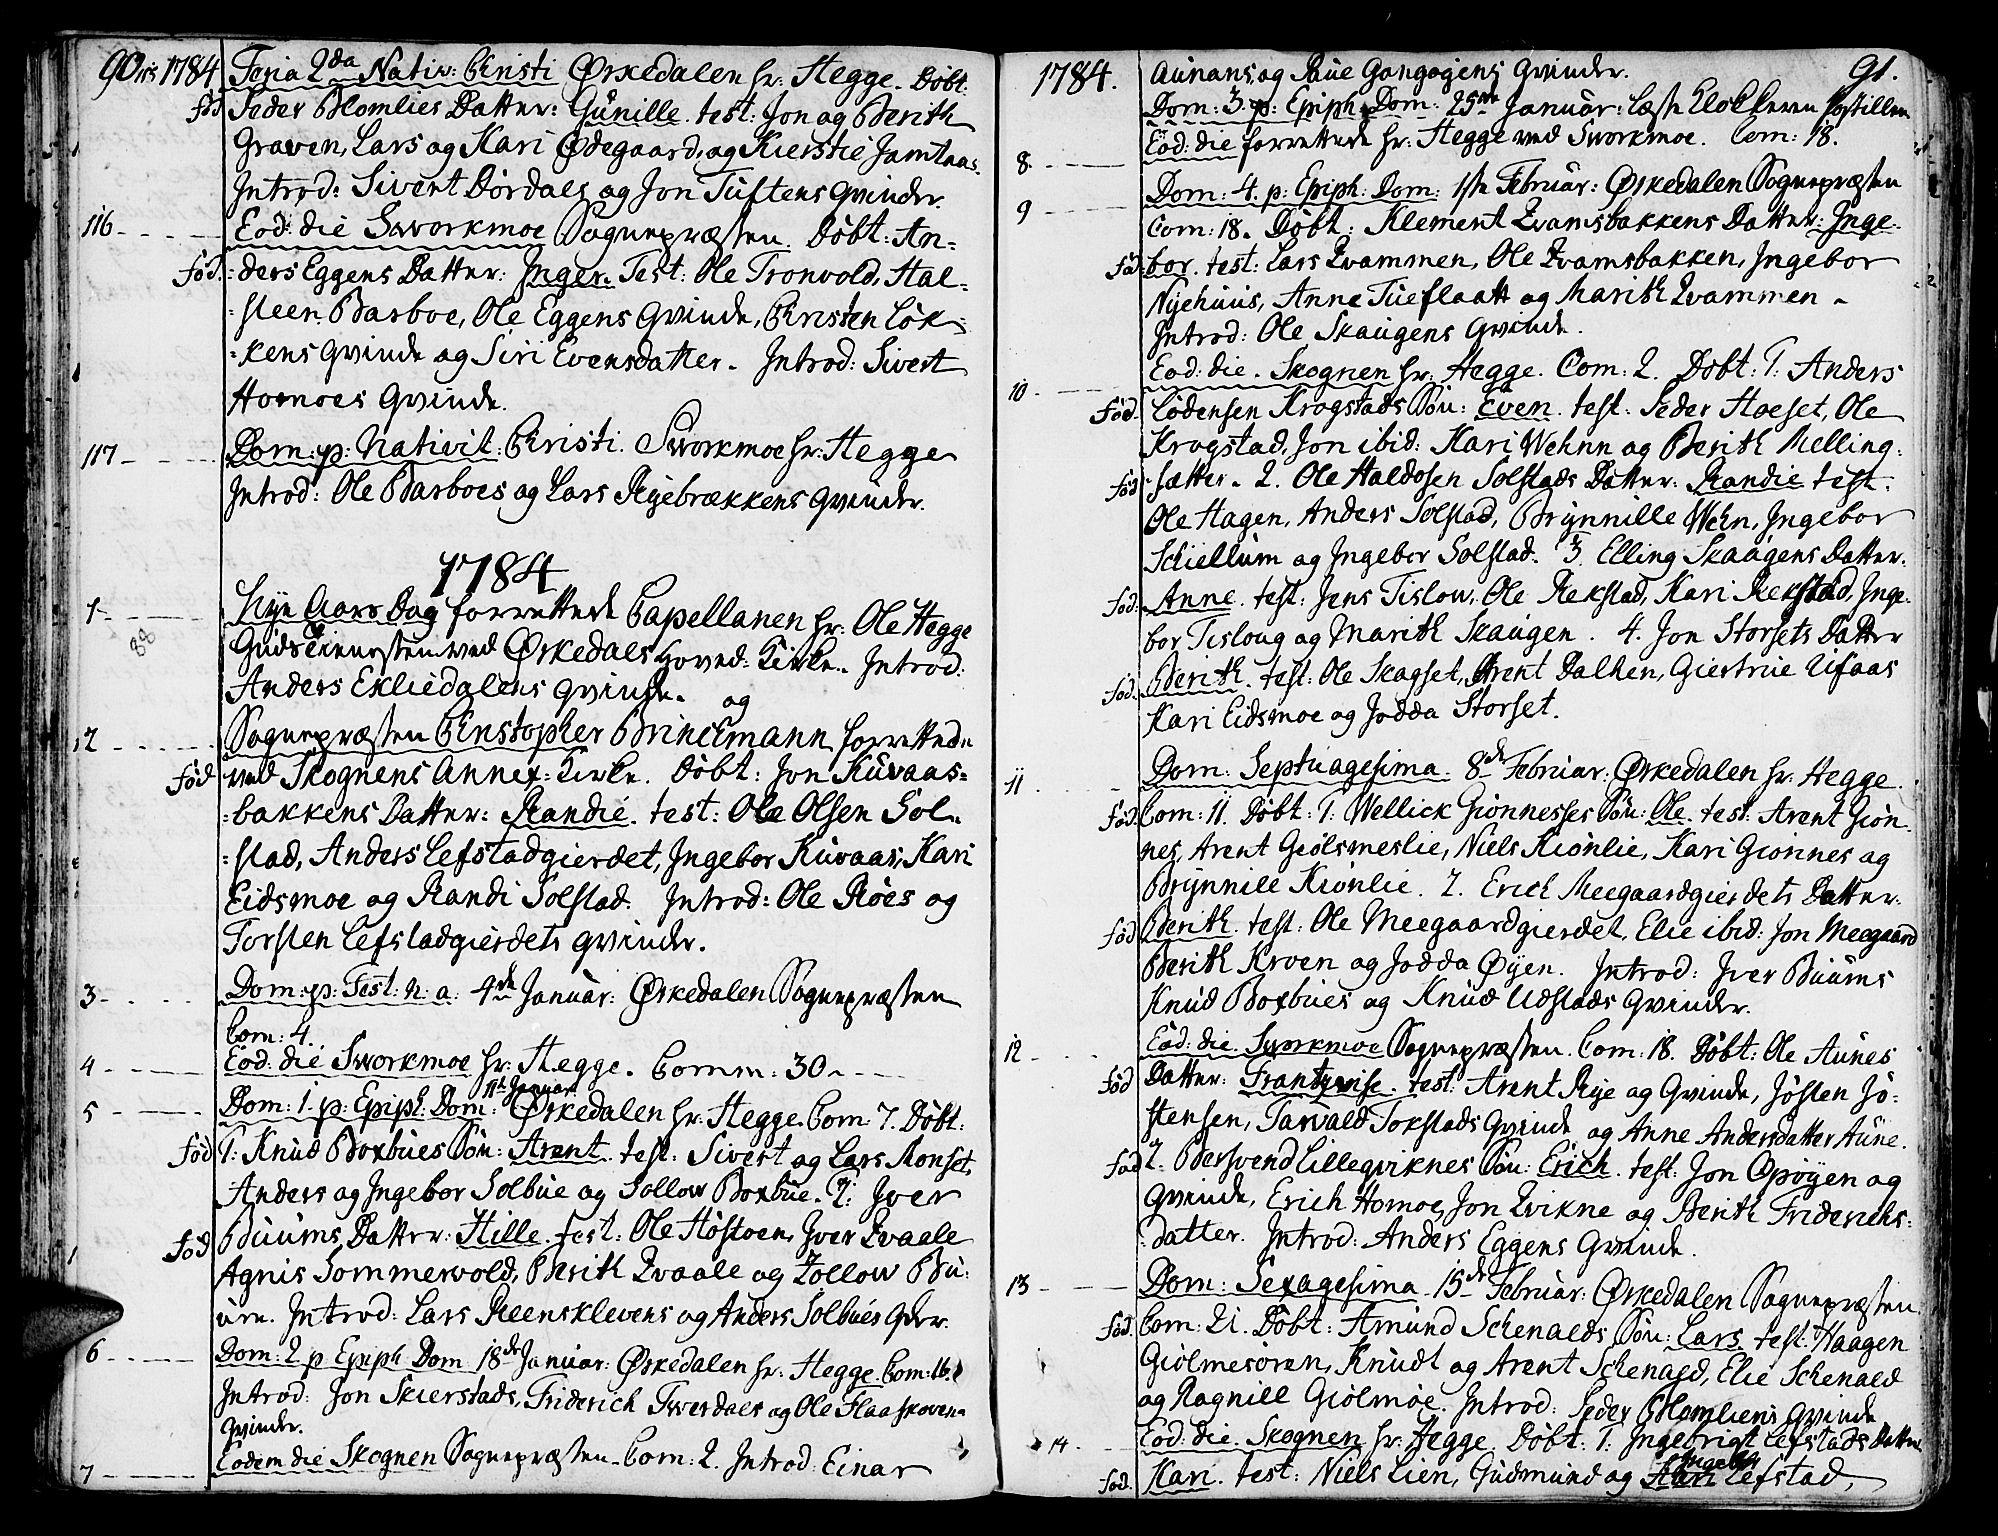 SAT, Ministerialprotokoller, klokkerbøker og fødselsregistre - Sør-Trøndelag, 668/L0802: Ministerialbok nr. 668A02, 1776-1799, s. 90-91